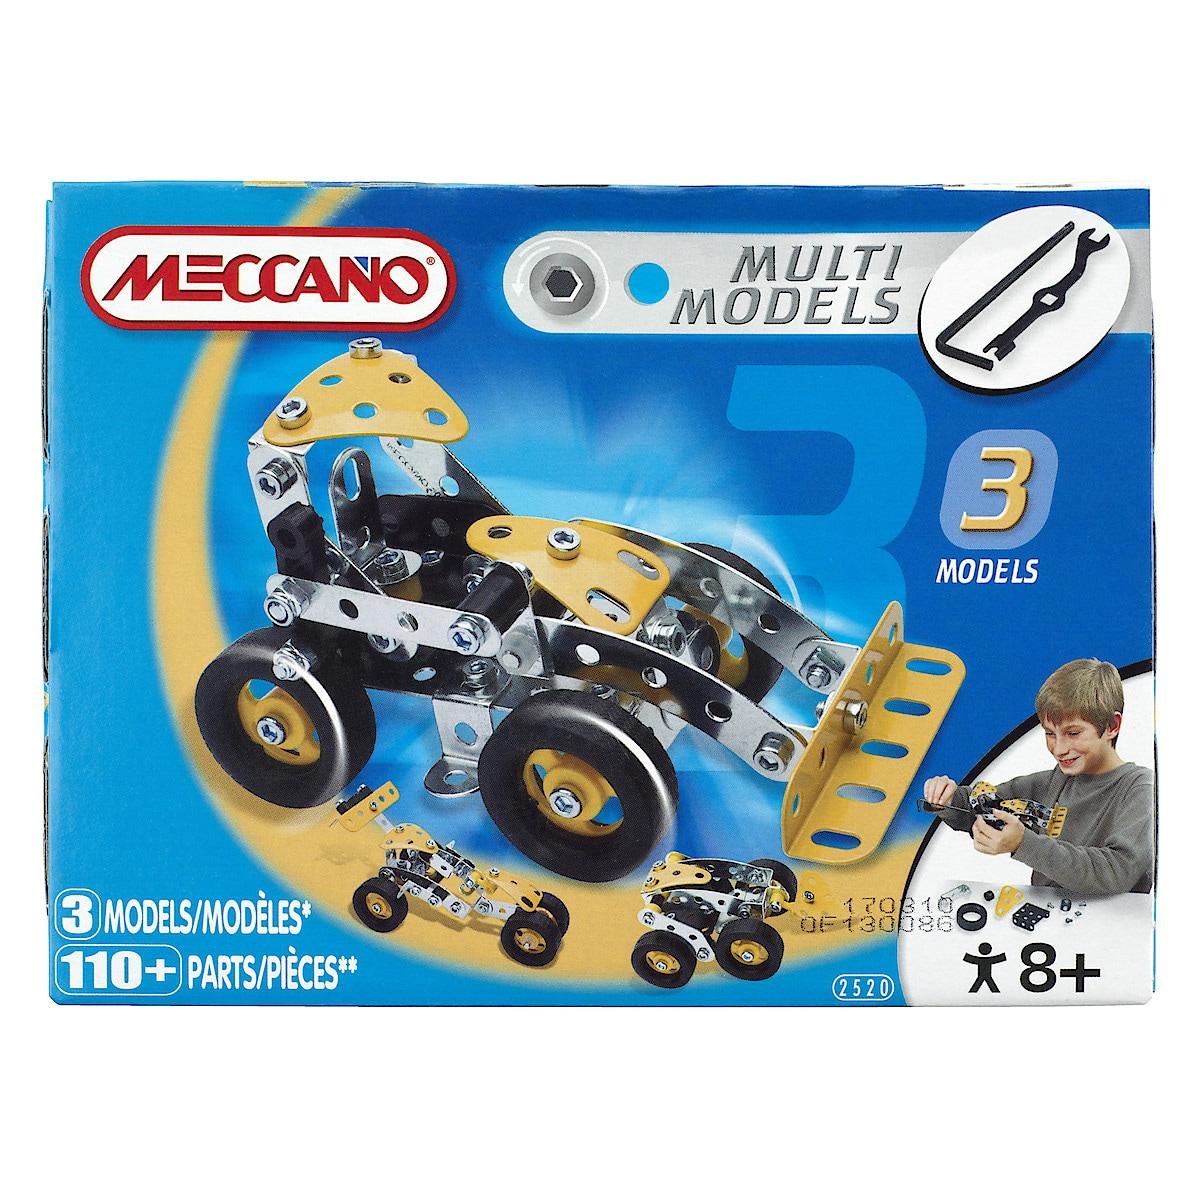 Meccano Tractor Multi-Model Set